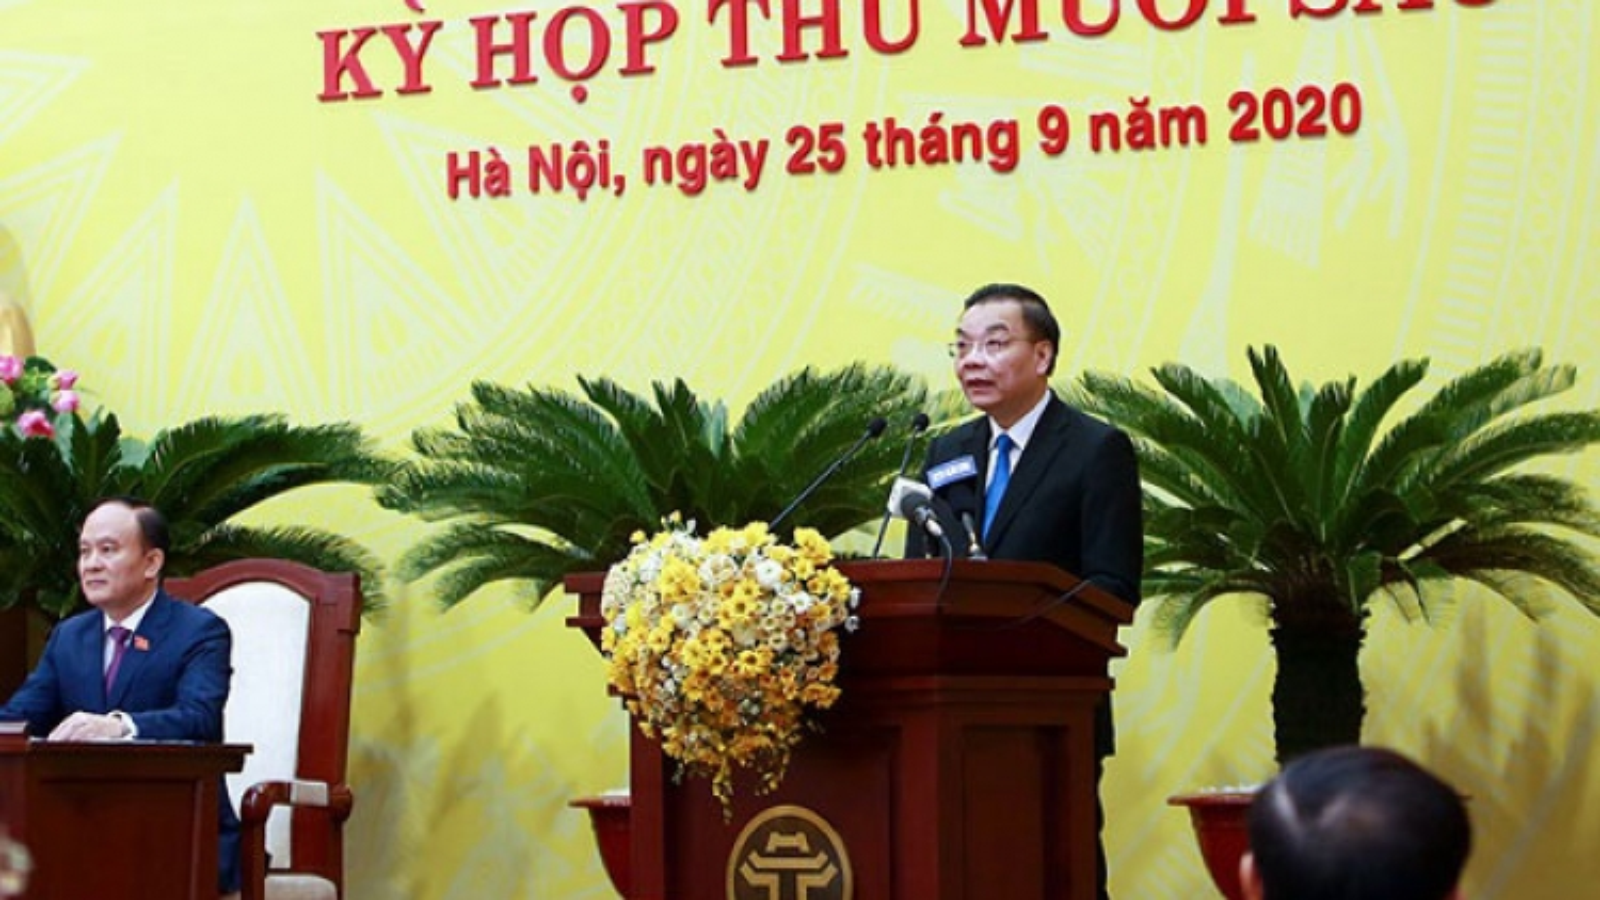 Tân Chủ tịch Hà Nội Chu Ngọc Anh: Nguyện đem hết sức mình phục vụ nhân dân